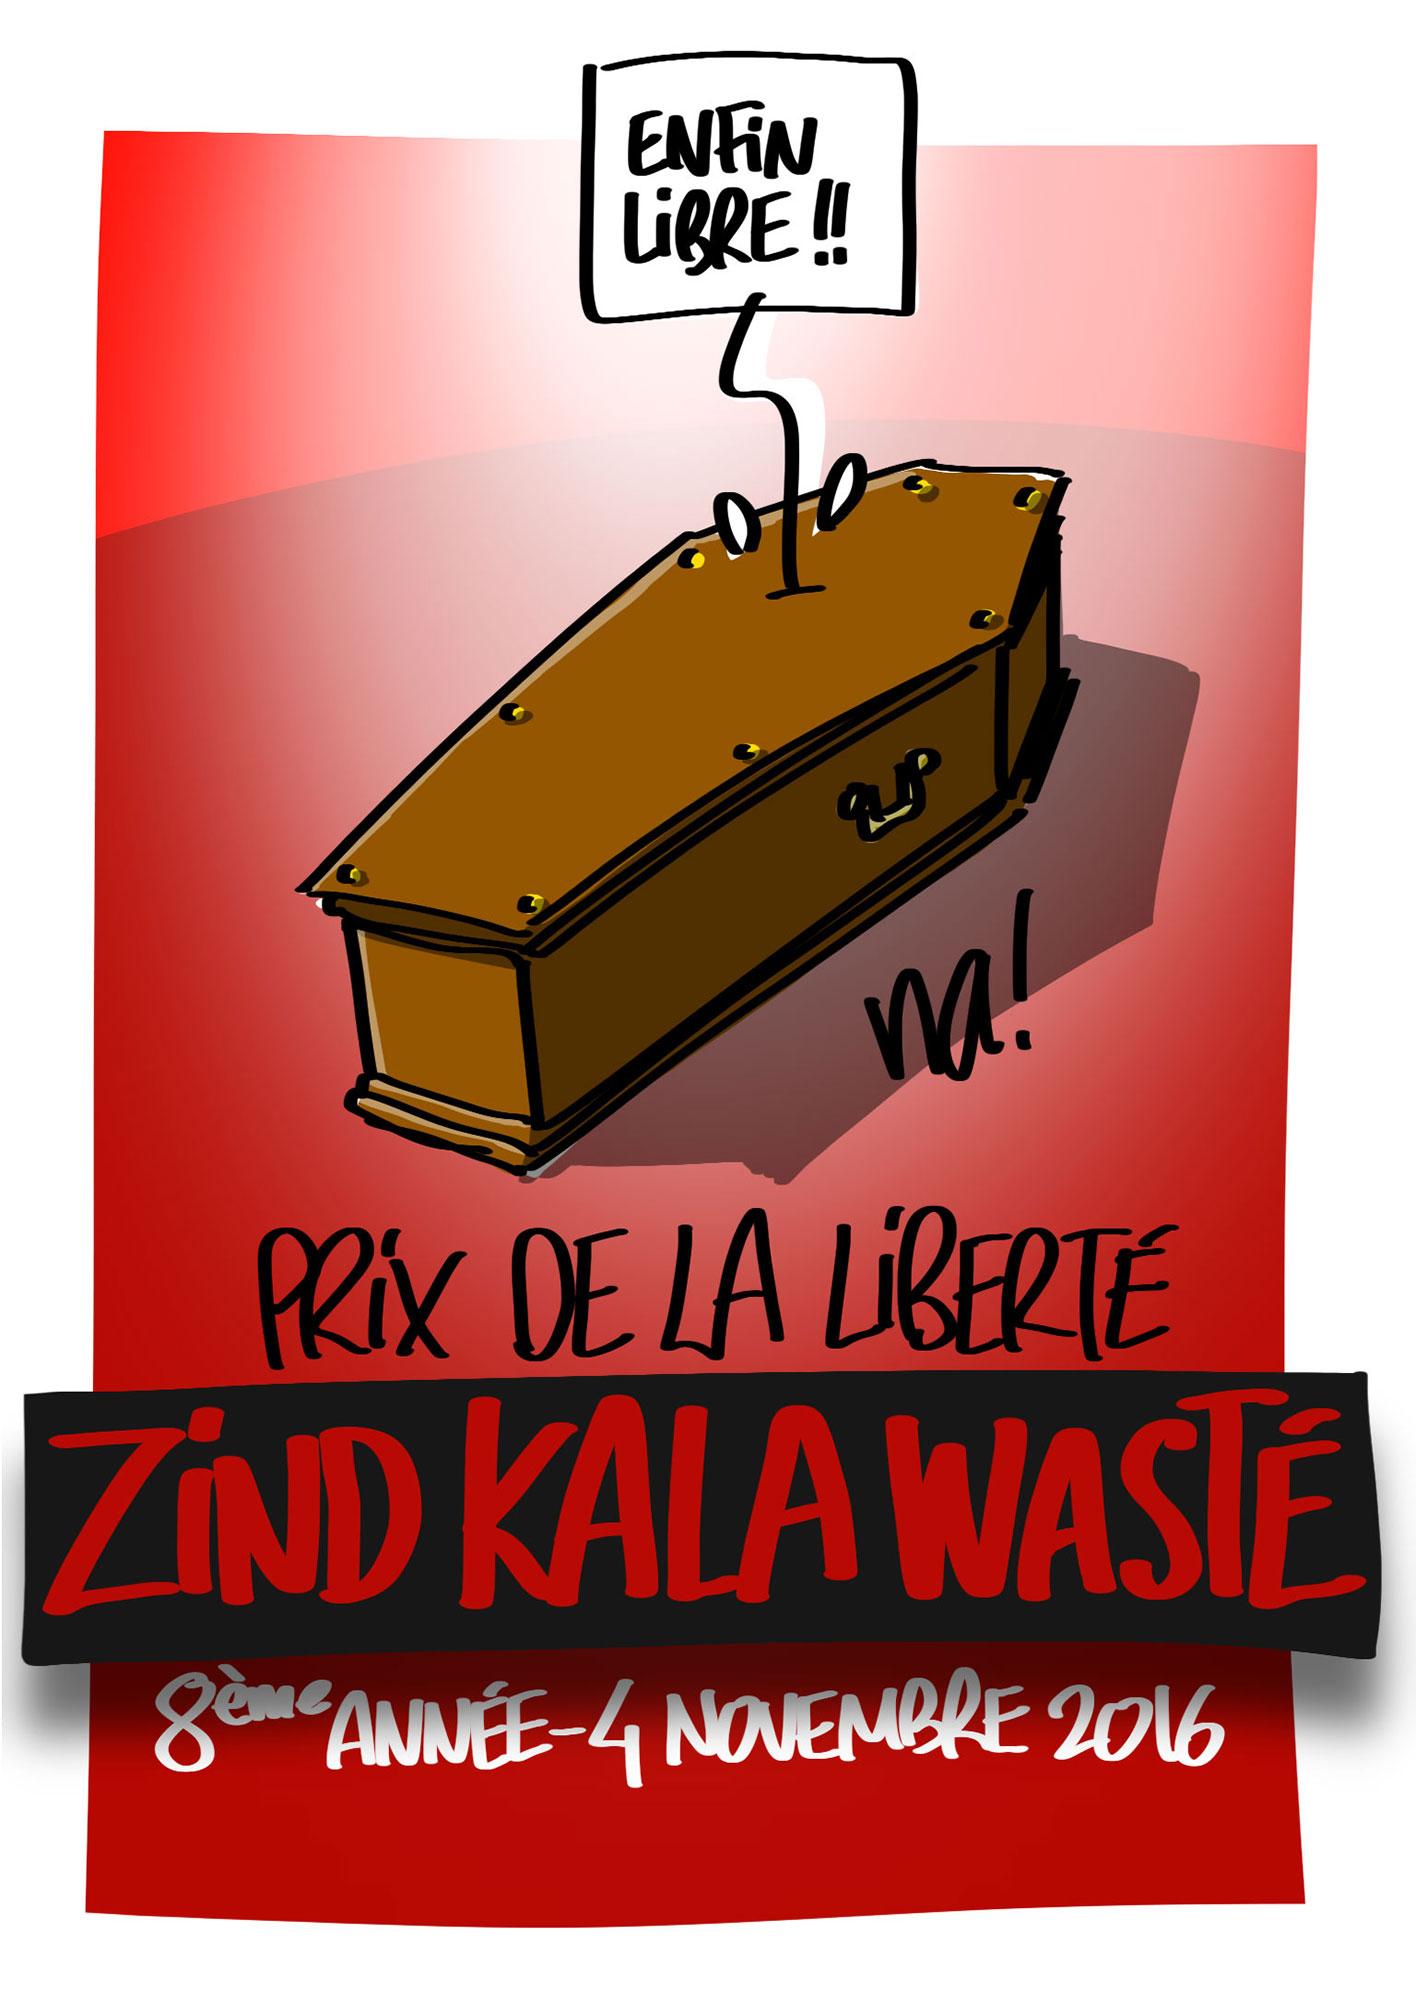 Affiche du dessinateur Na! pour le Zind-Kala-Waste 2016